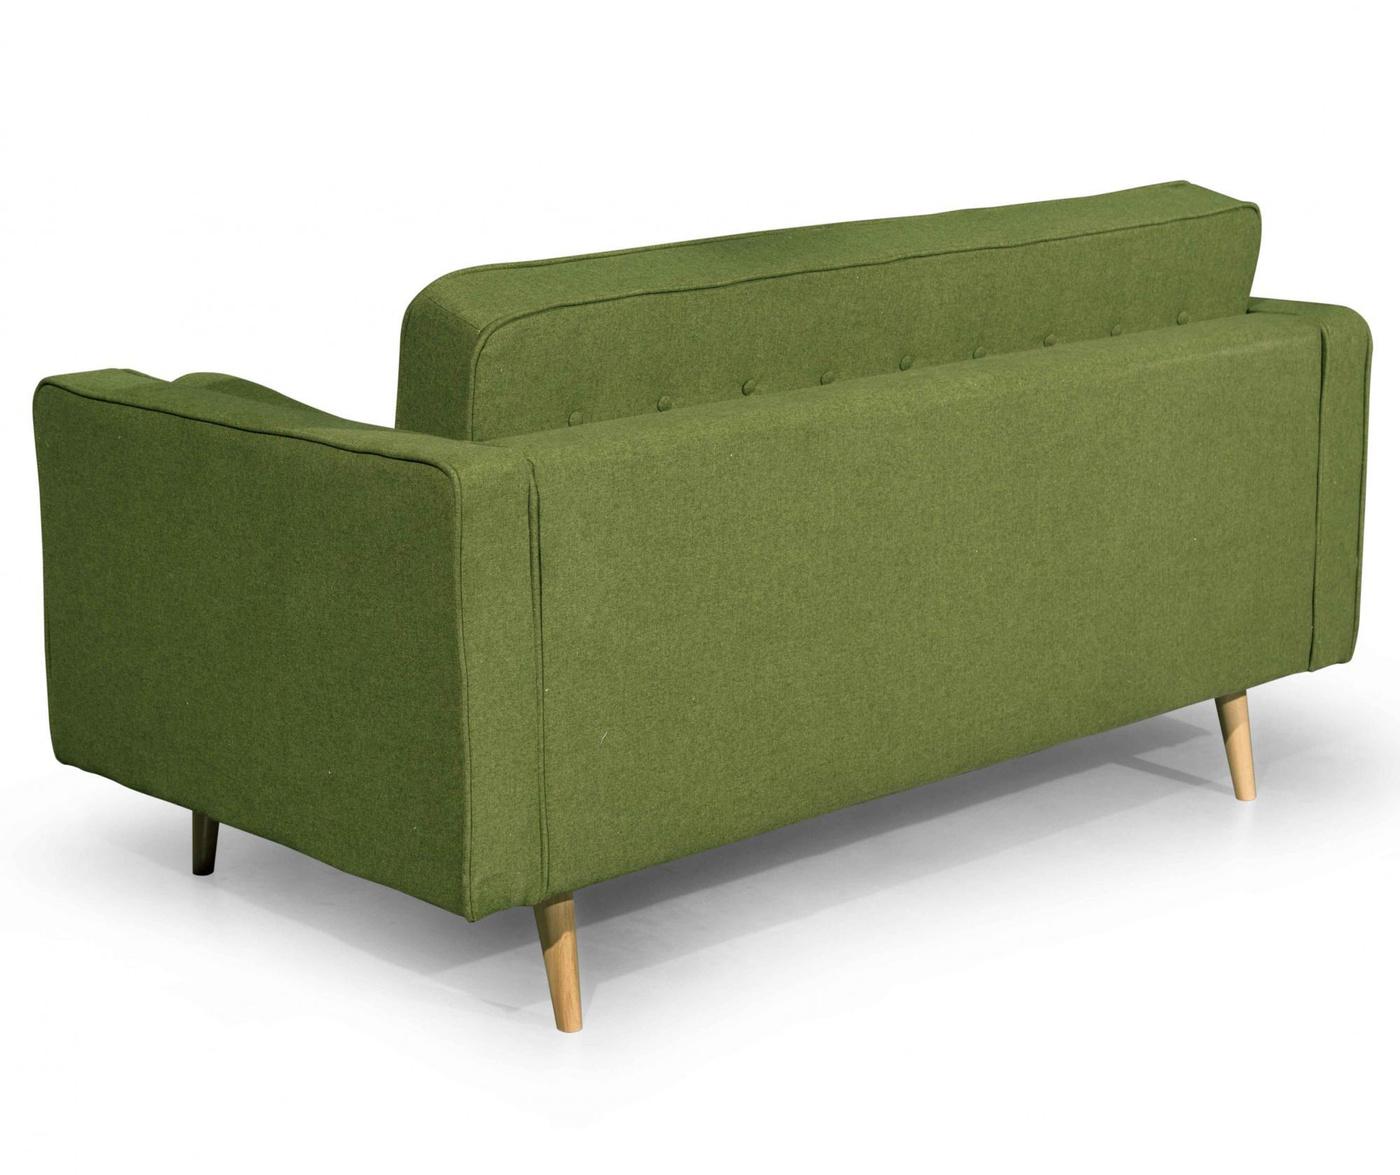 Canapea 2 locuri Rondo Emery Green